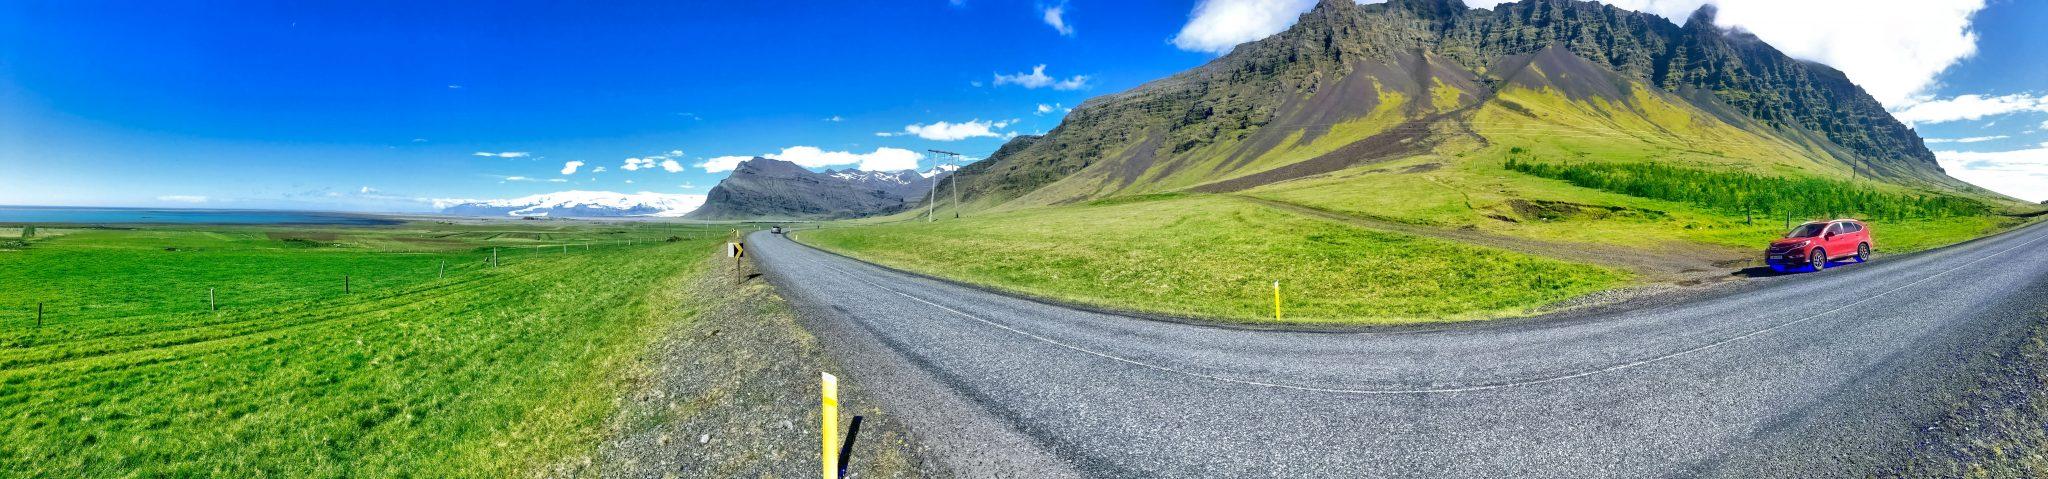 Roadtrip durch Island – Planung, Unterkünfte und Kosten